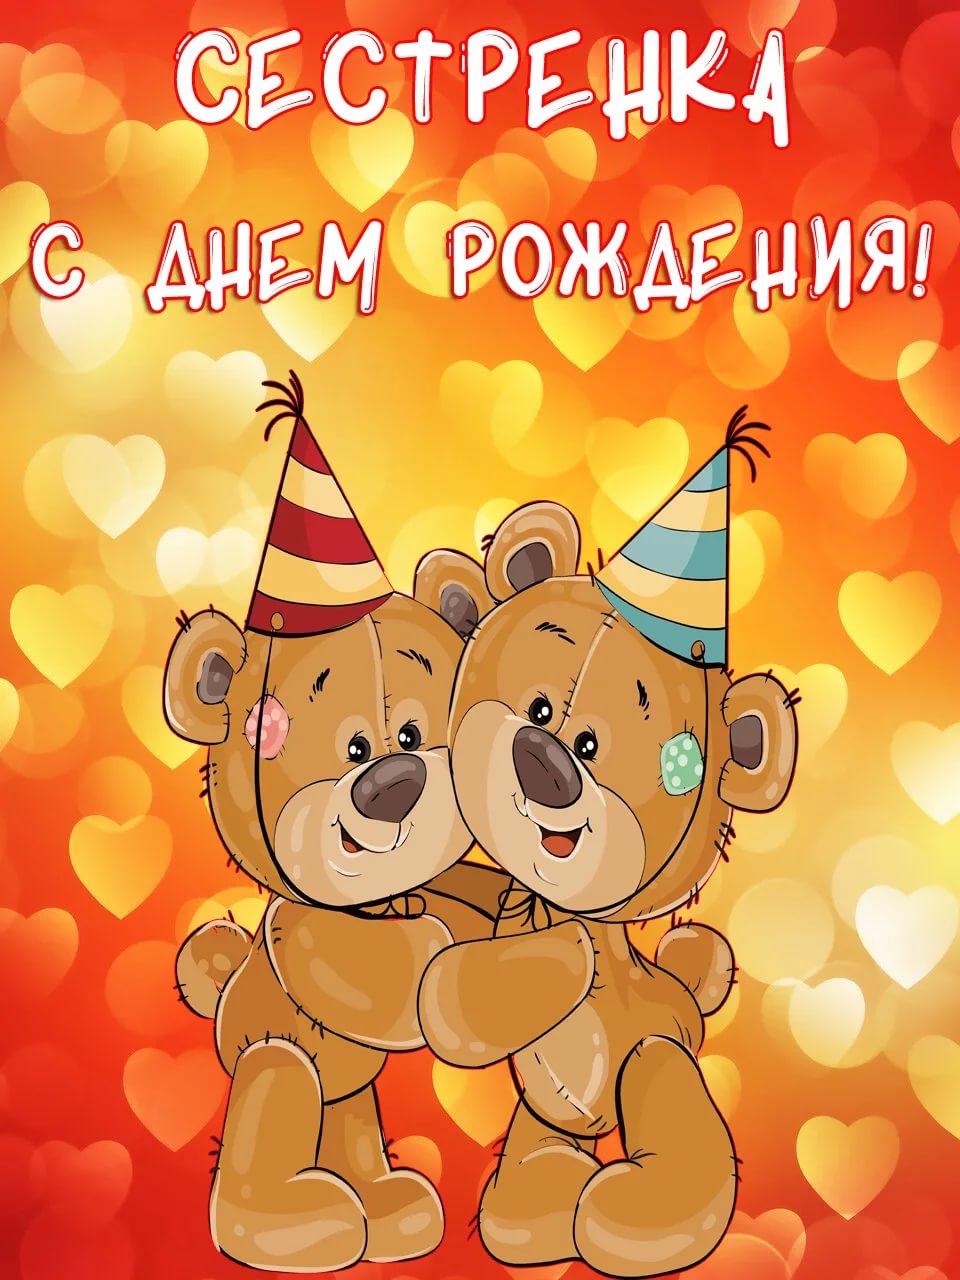 Милые поздравления с днем рождения двоюродной сестре 15